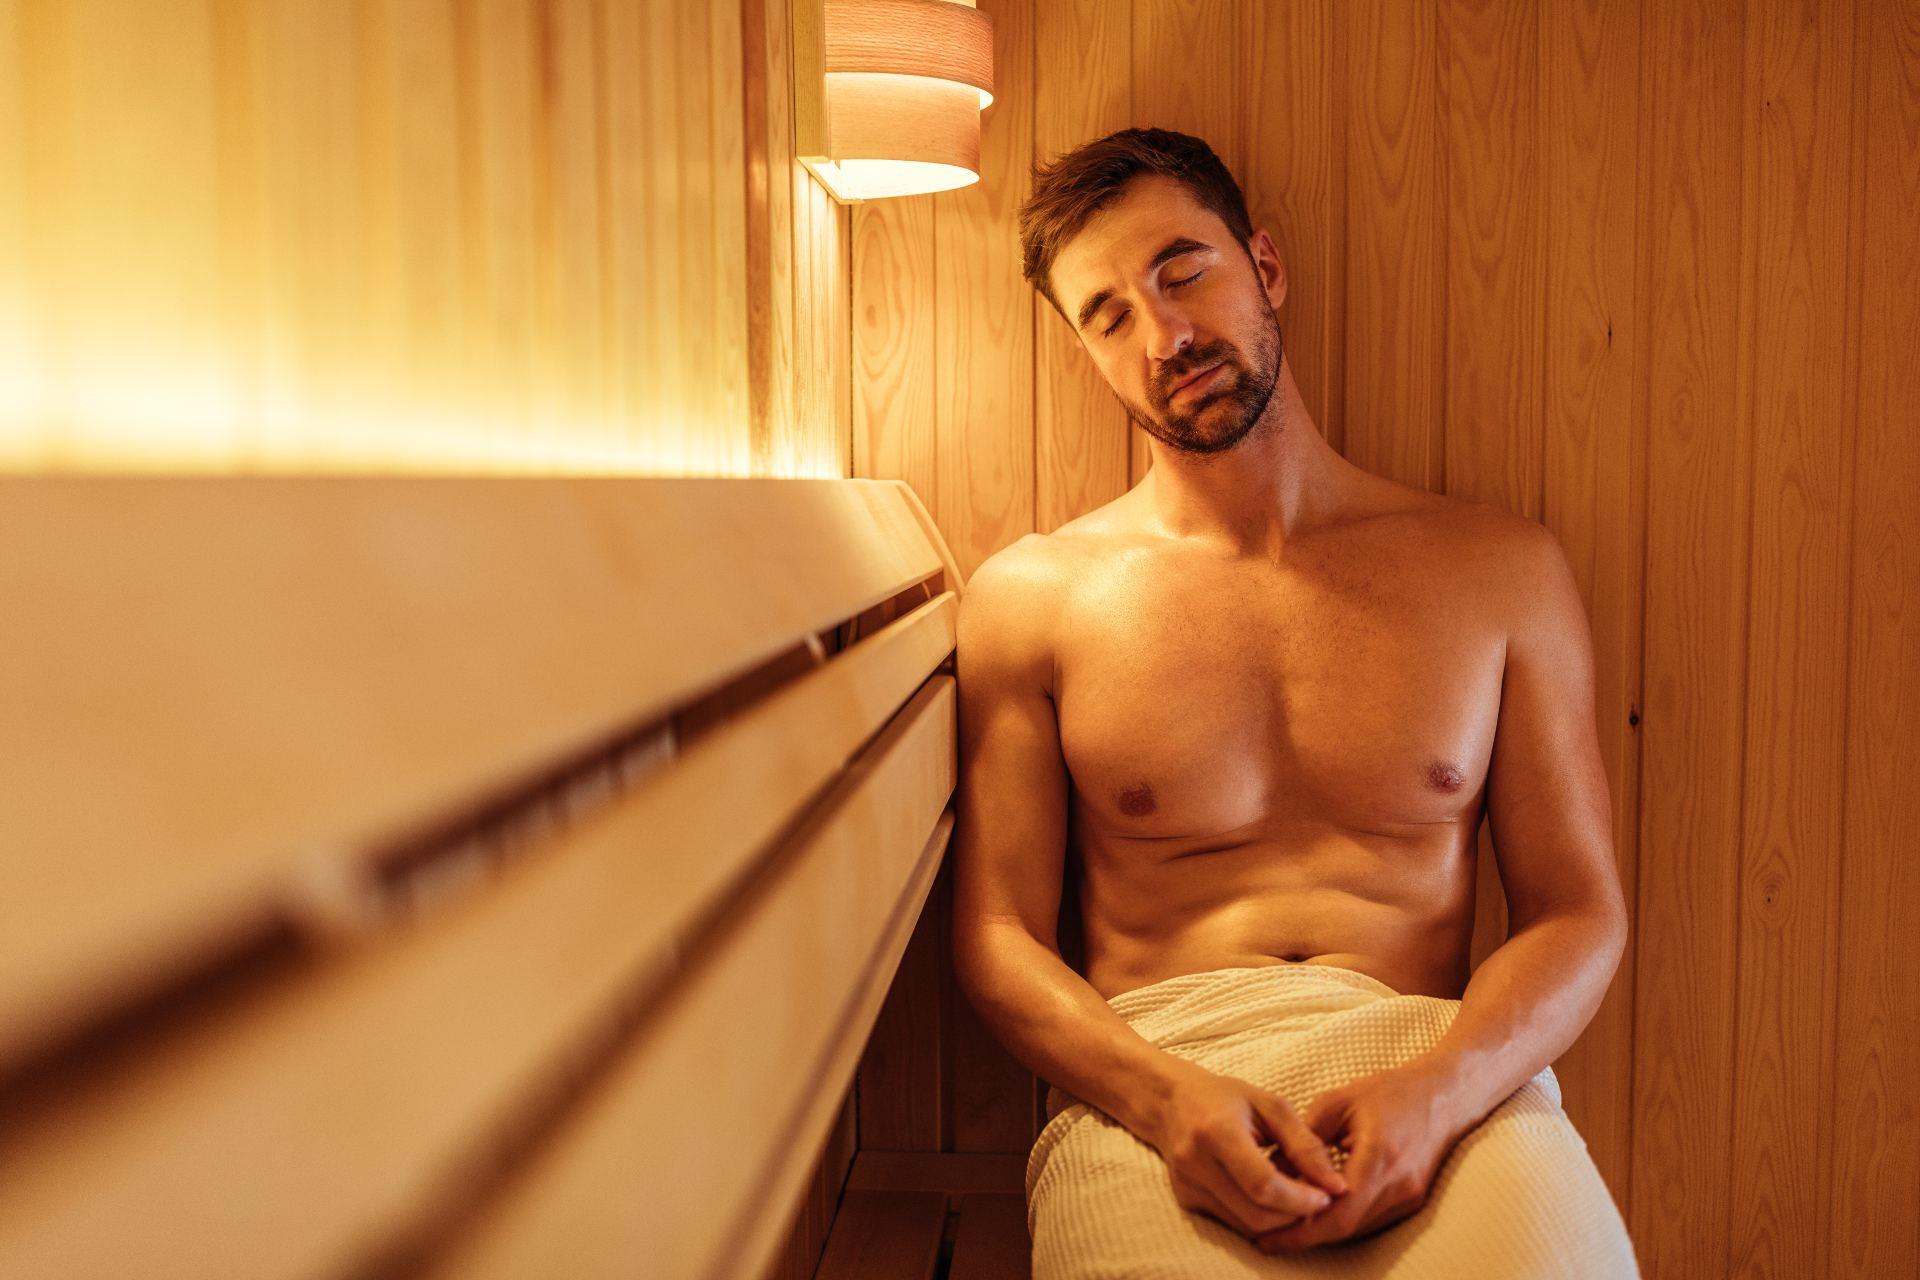 Ce qu'il faut savoir avant d'entrer dans un sauna gay